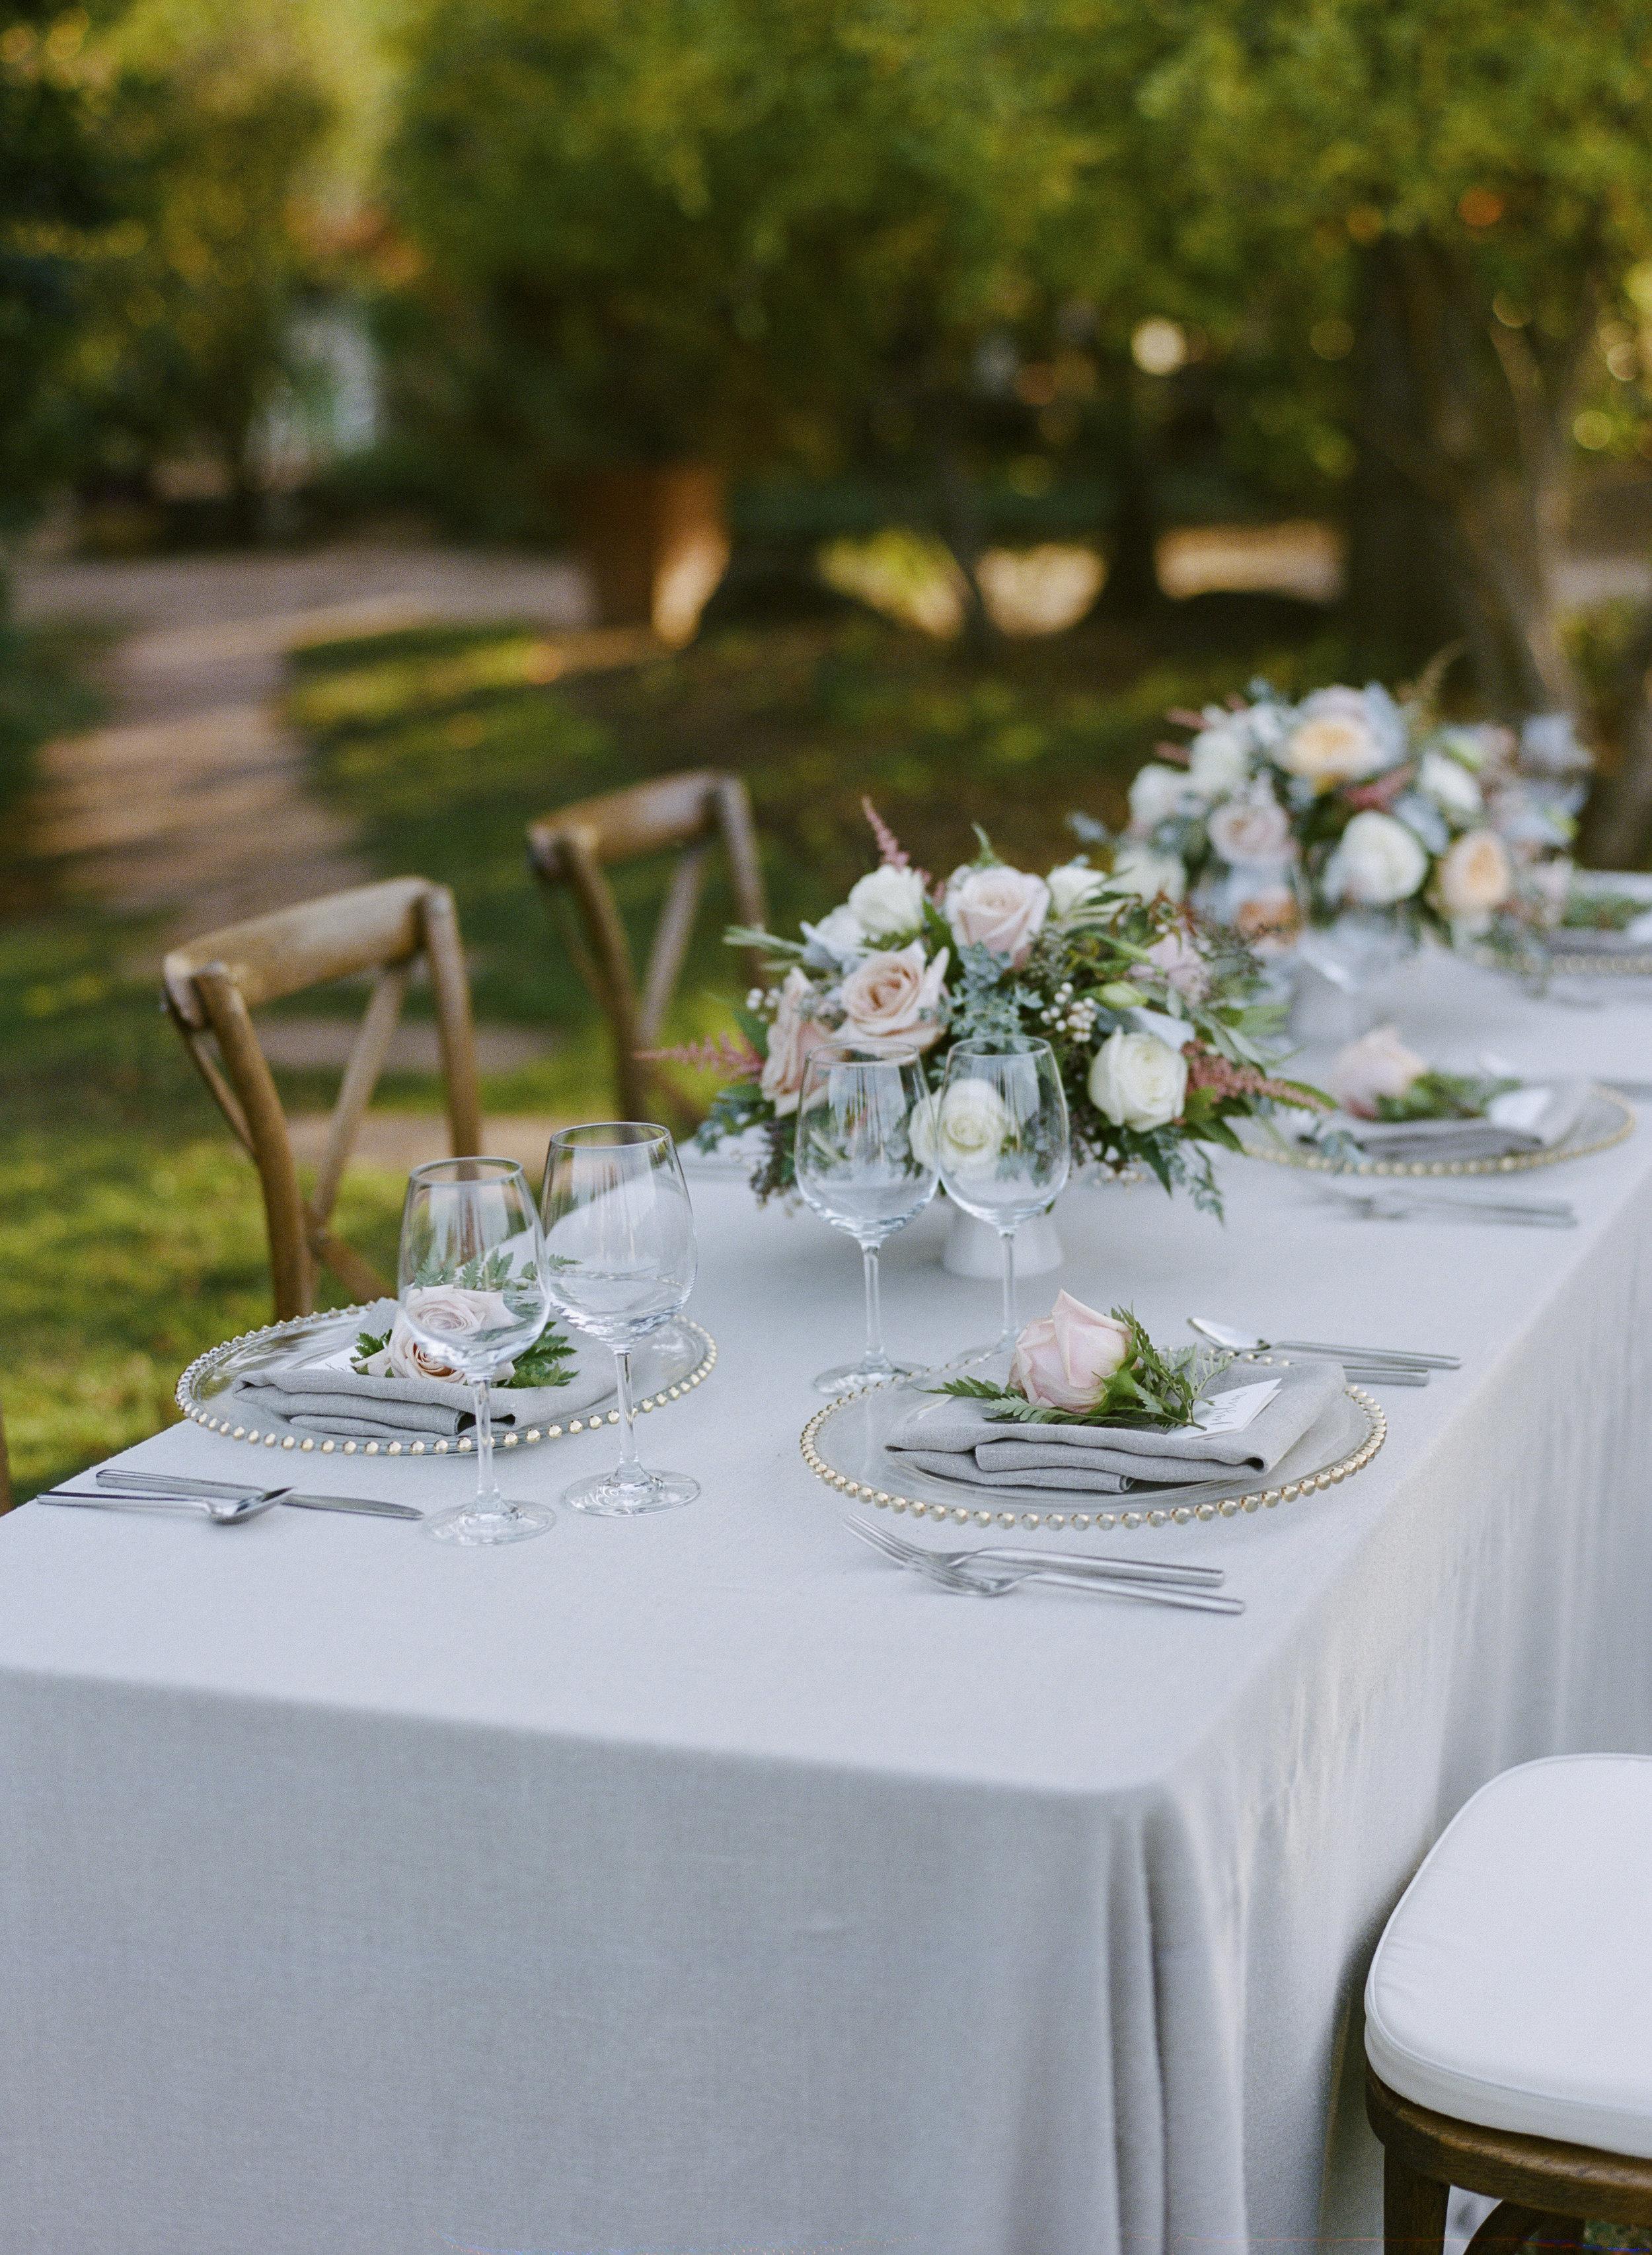 Violette-fleurs-roseville-sacramento-california-Flower-farm-inn-wedding-florist-spring-tablescape-blush-peachgray.jpg